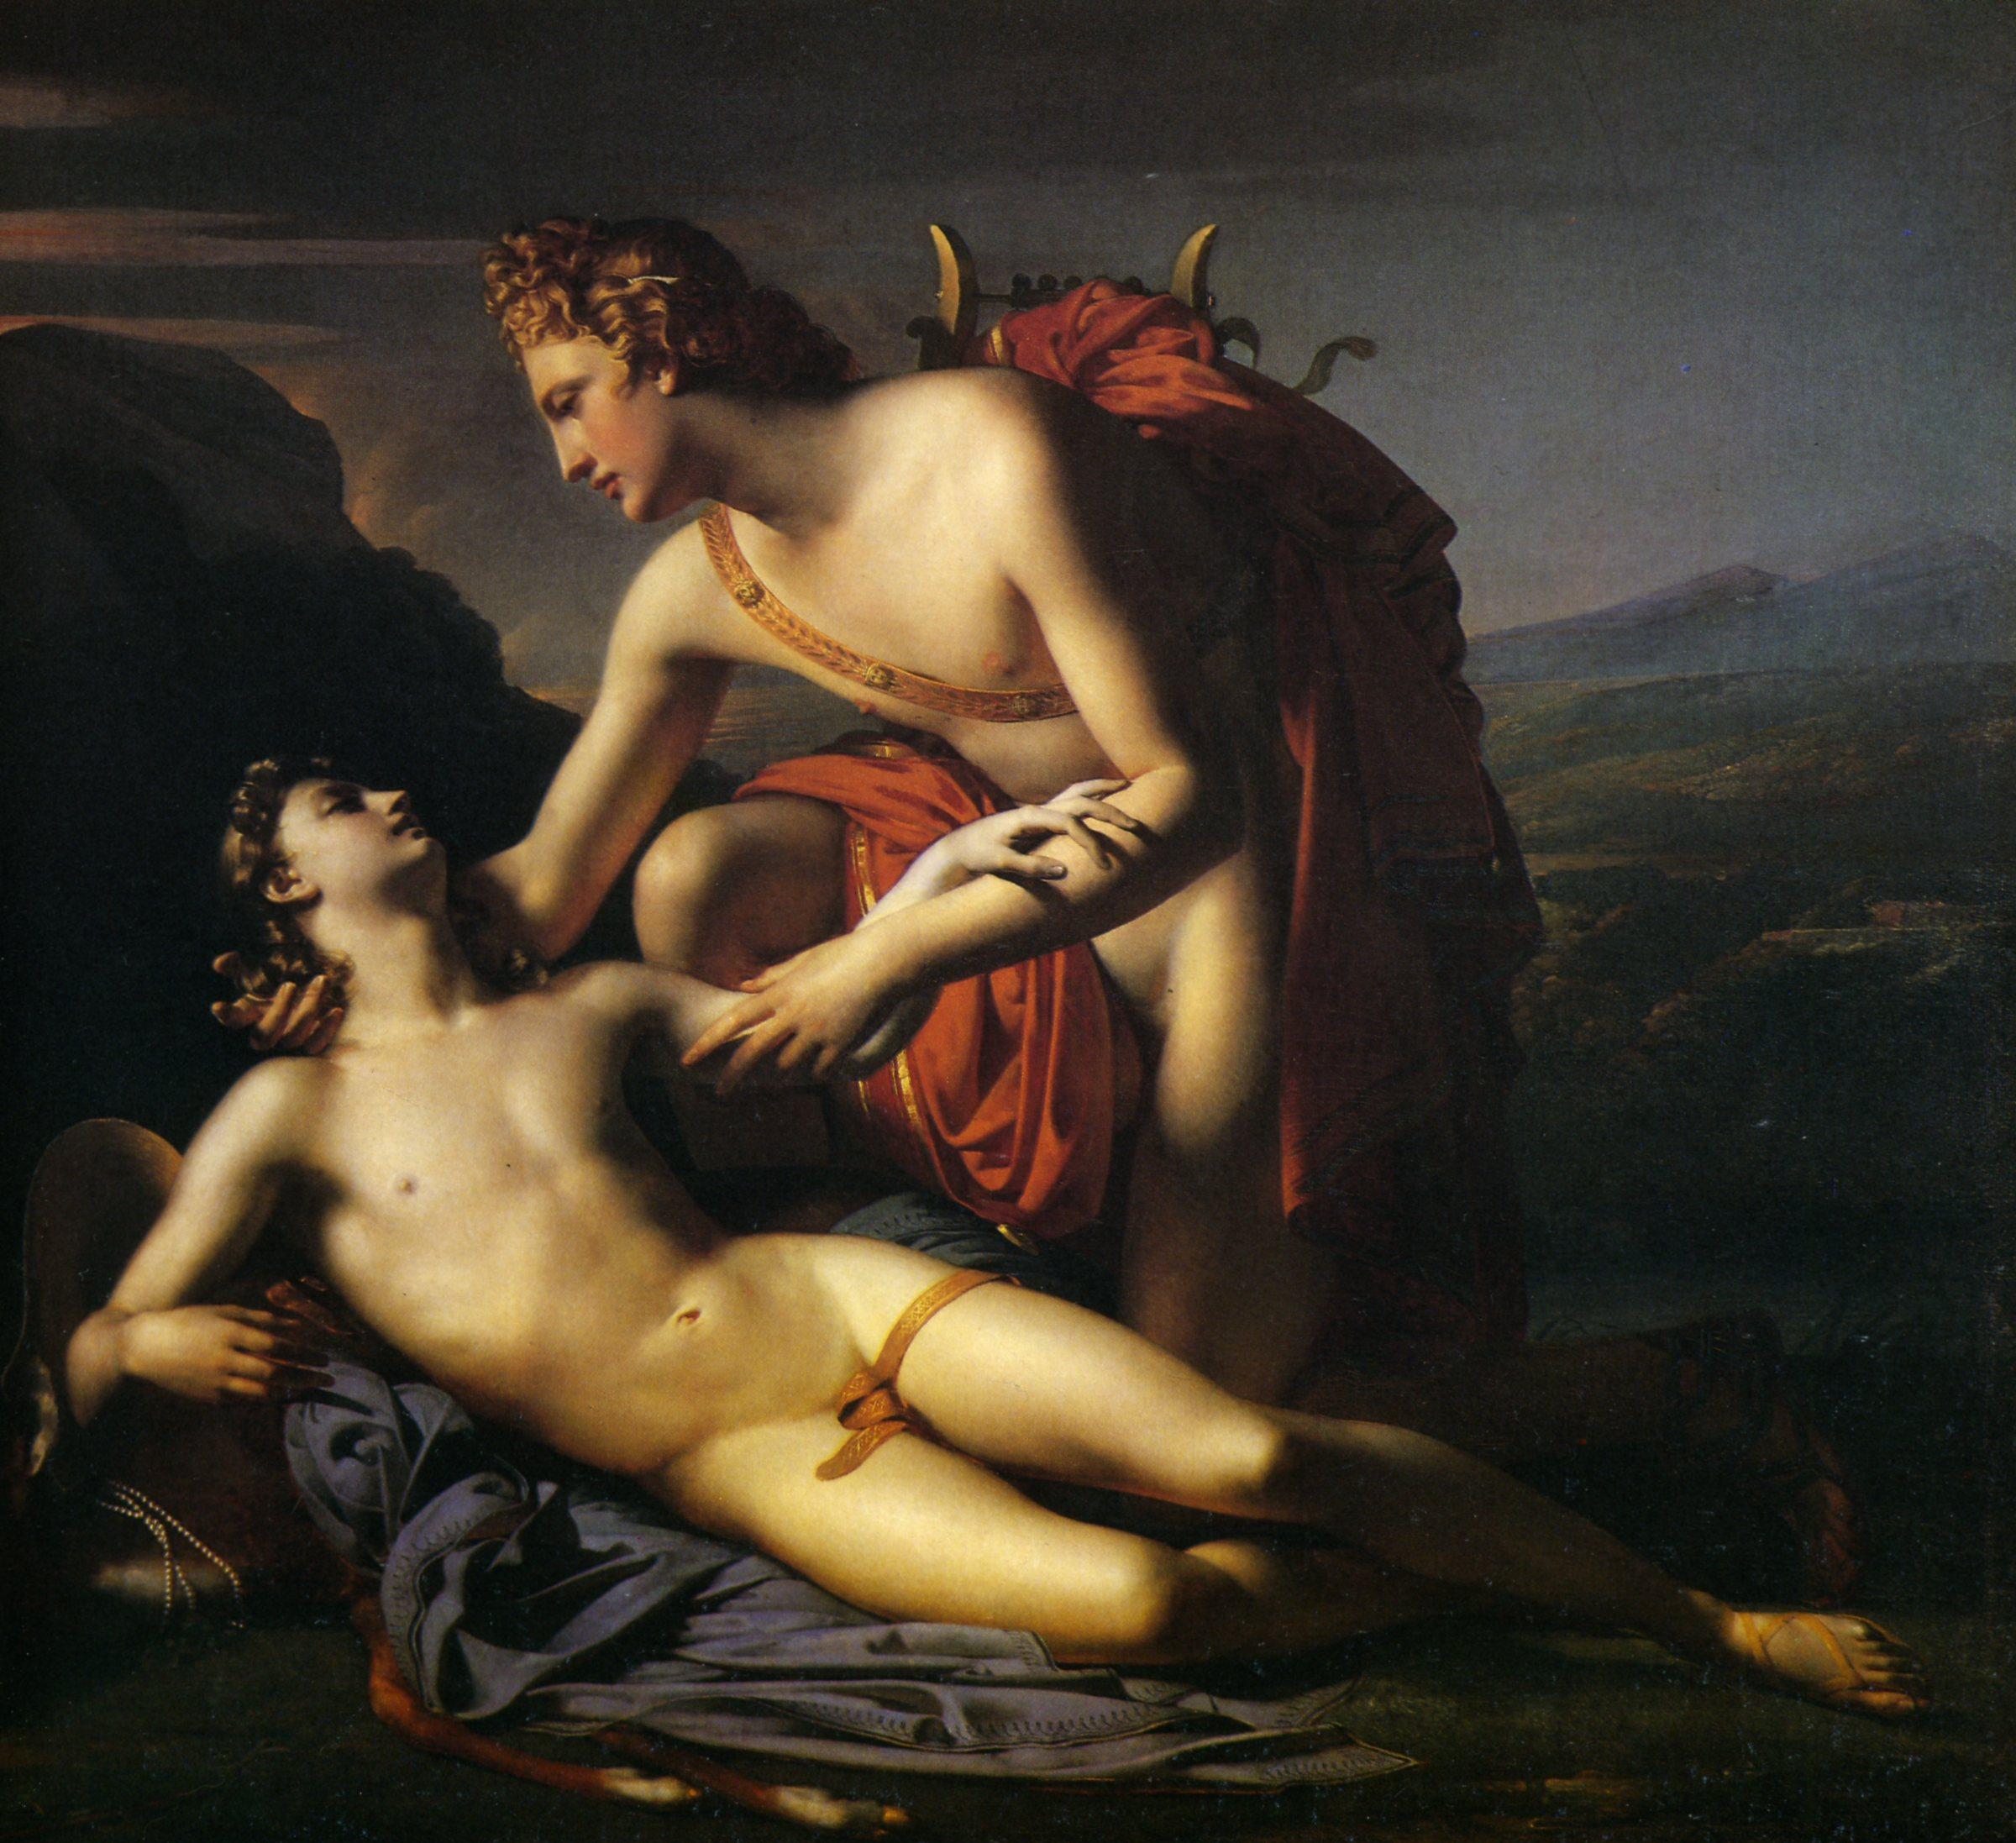 Figura 17 - Claude Marie Dubufe, Apolo e Ciparisso